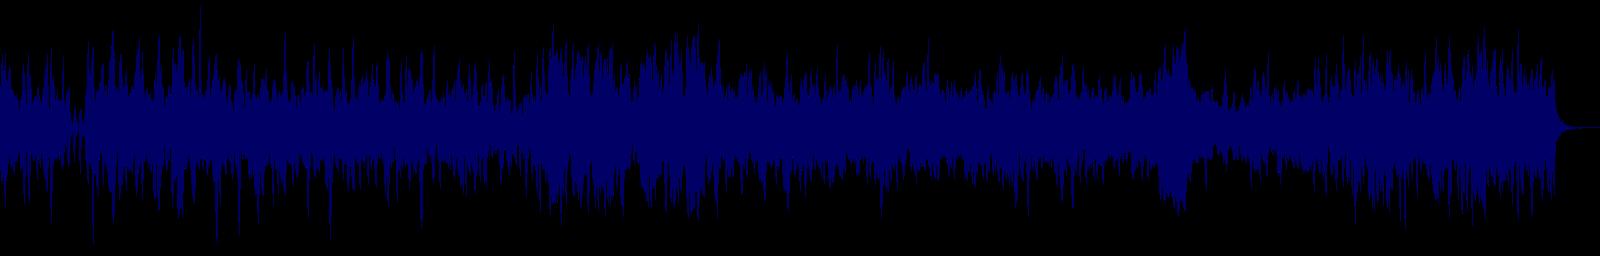 waveform of track #159158